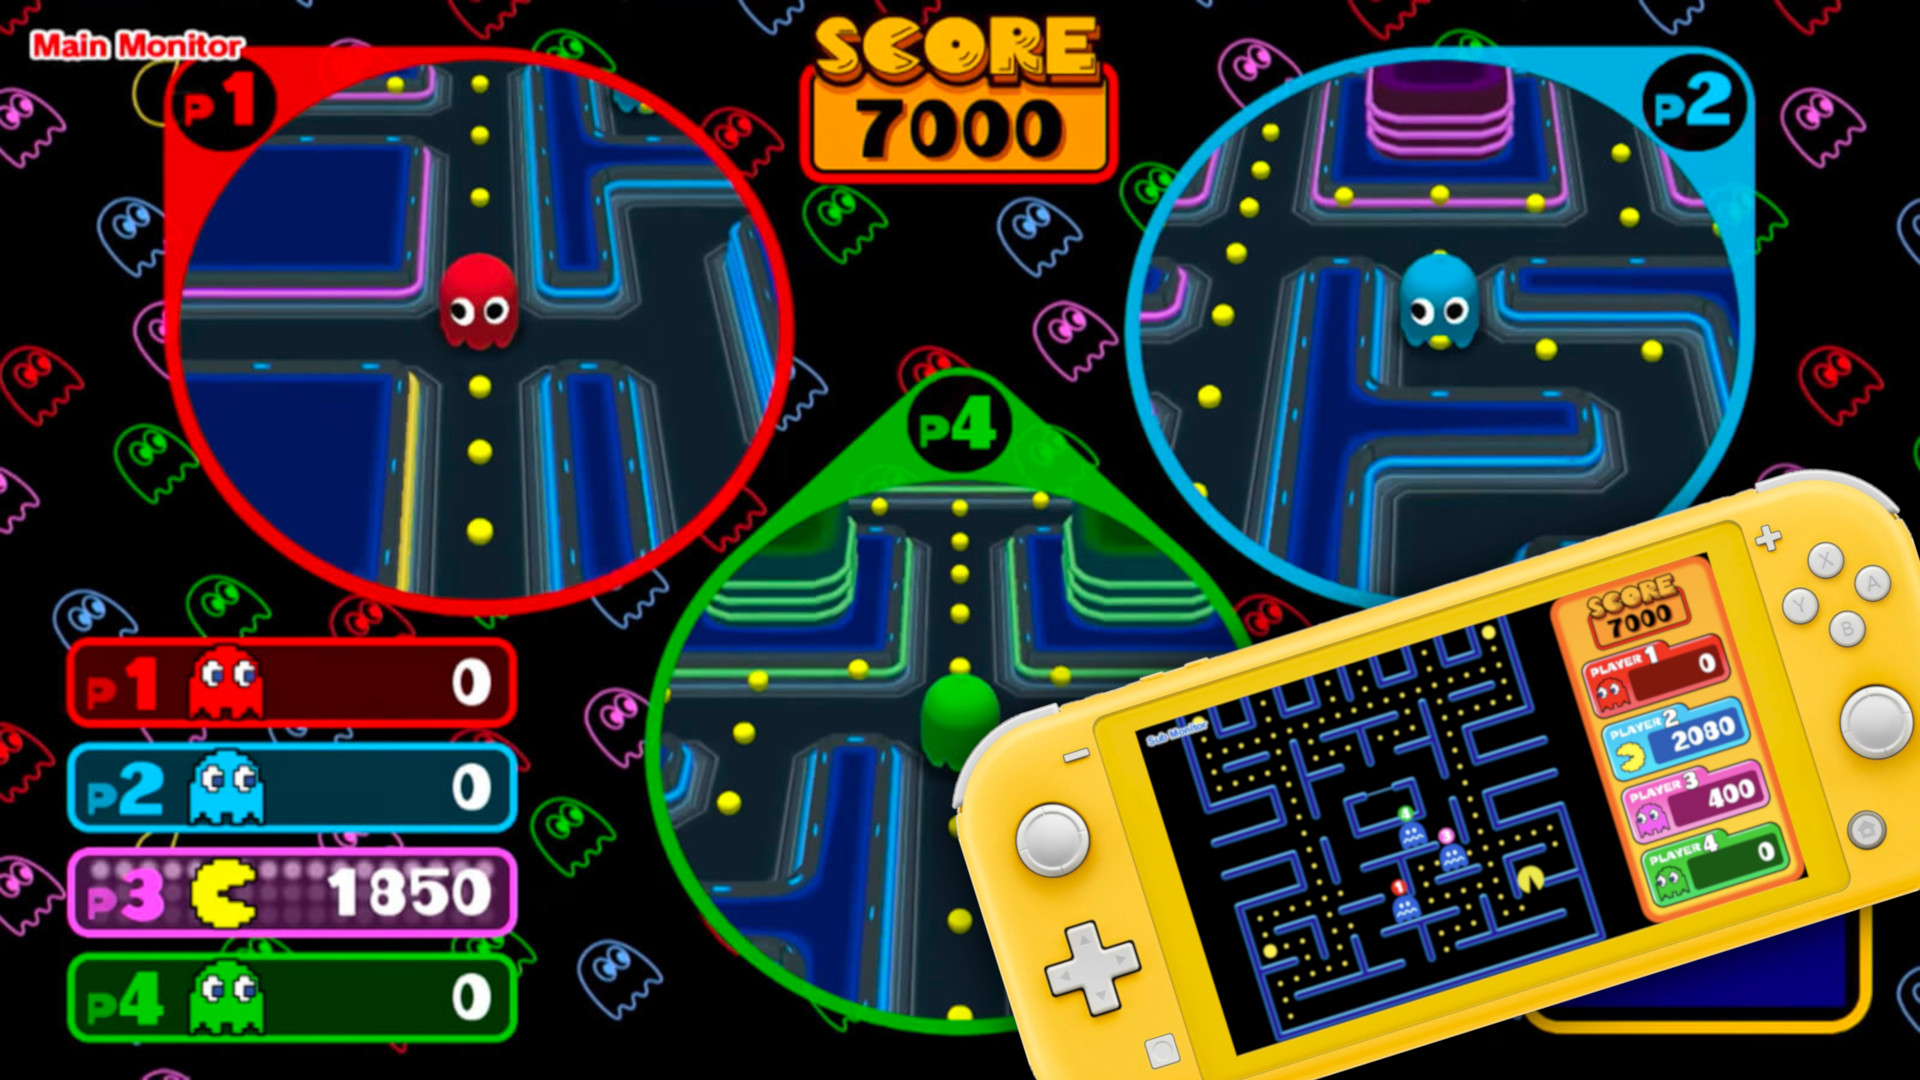 Pacman Vs Guide Gamecube Nintendo 2ds 3ds Nintendo Ds Nintendo Switch And Nintendo Wii Family Review